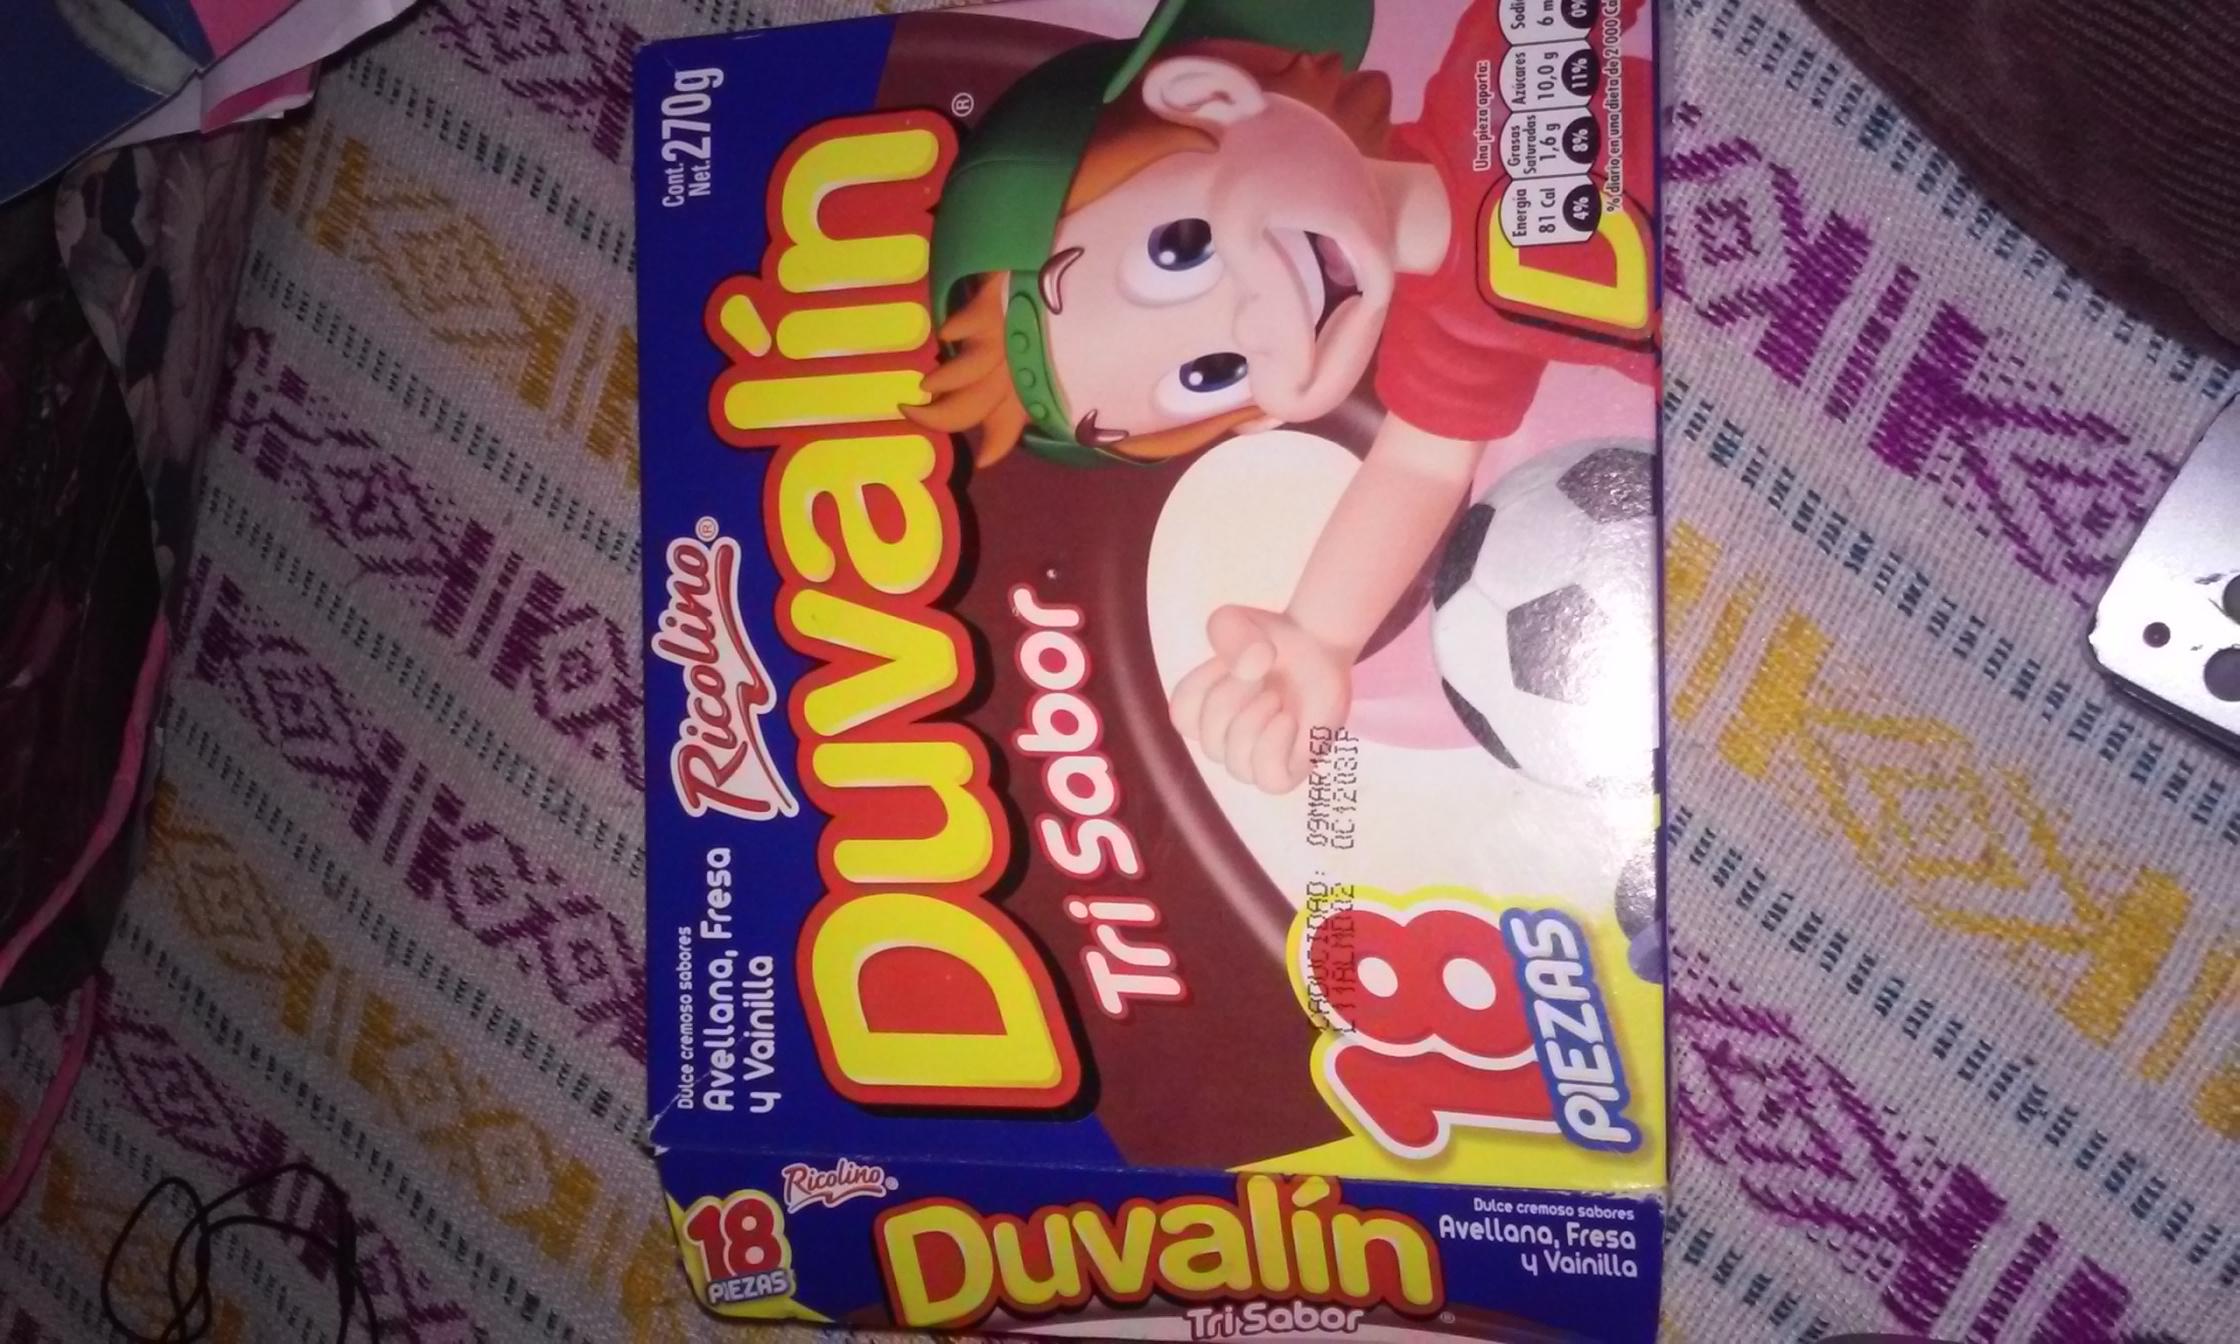 Walmart: Caja de 18 Duvalin a $1.02